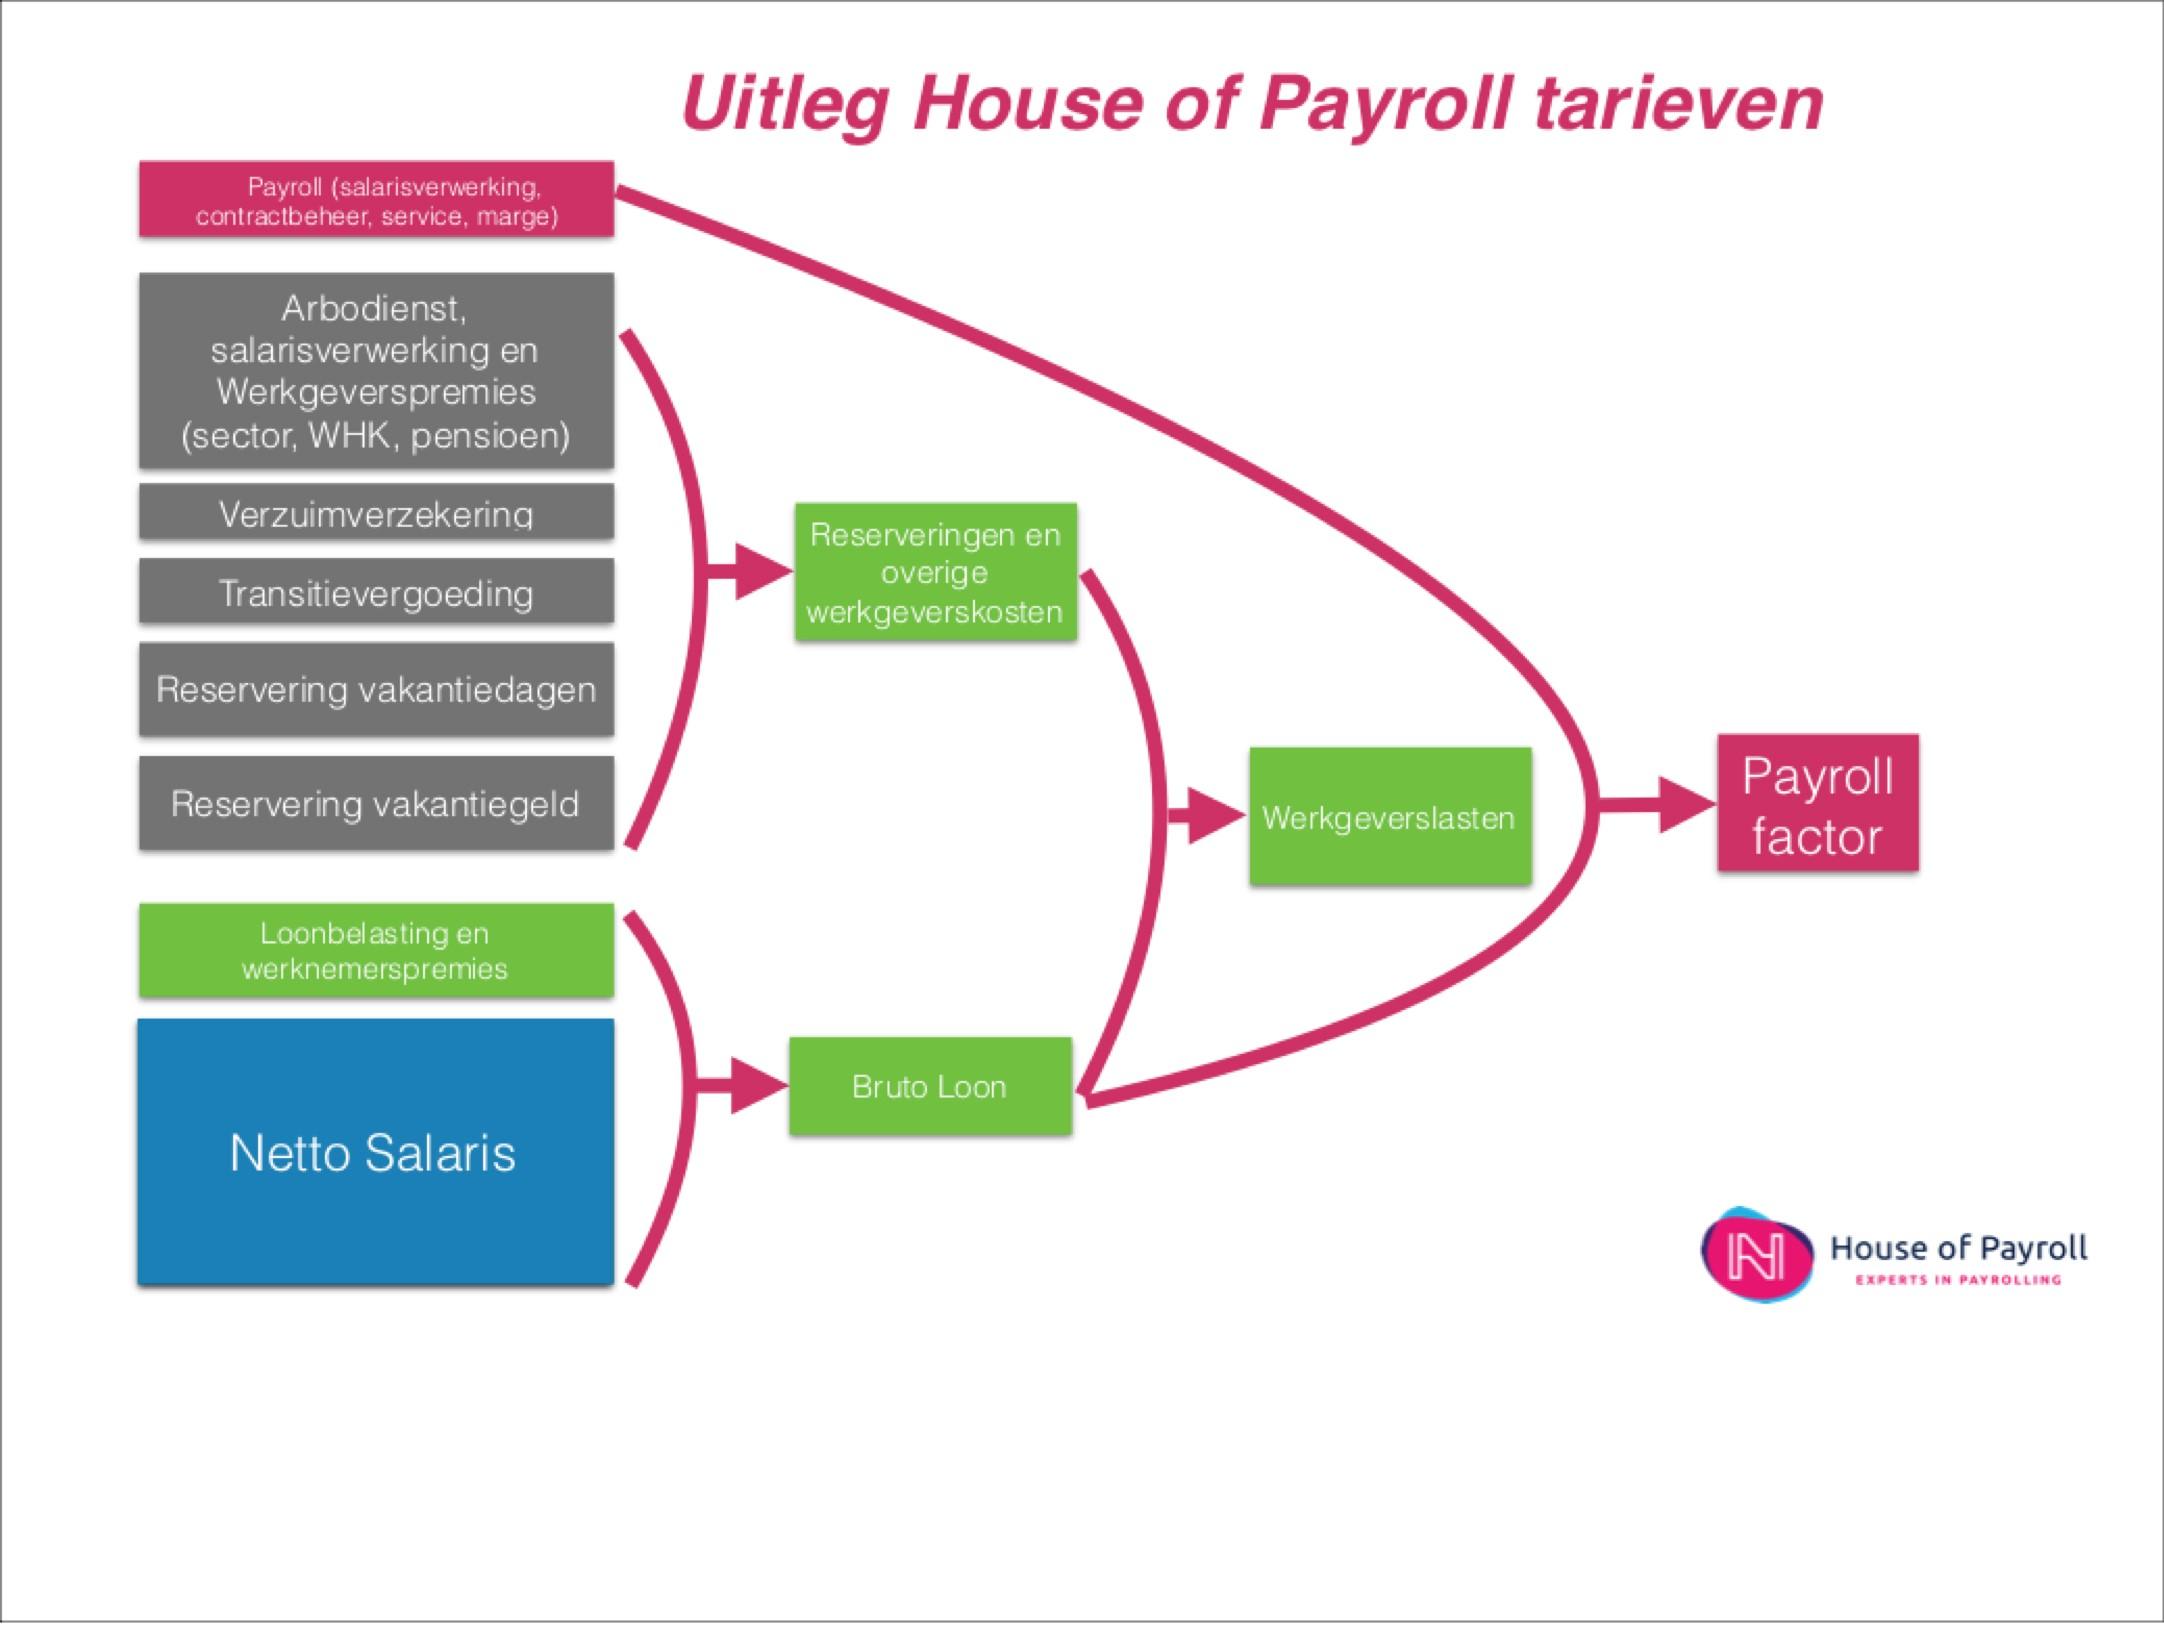 De payroll factor